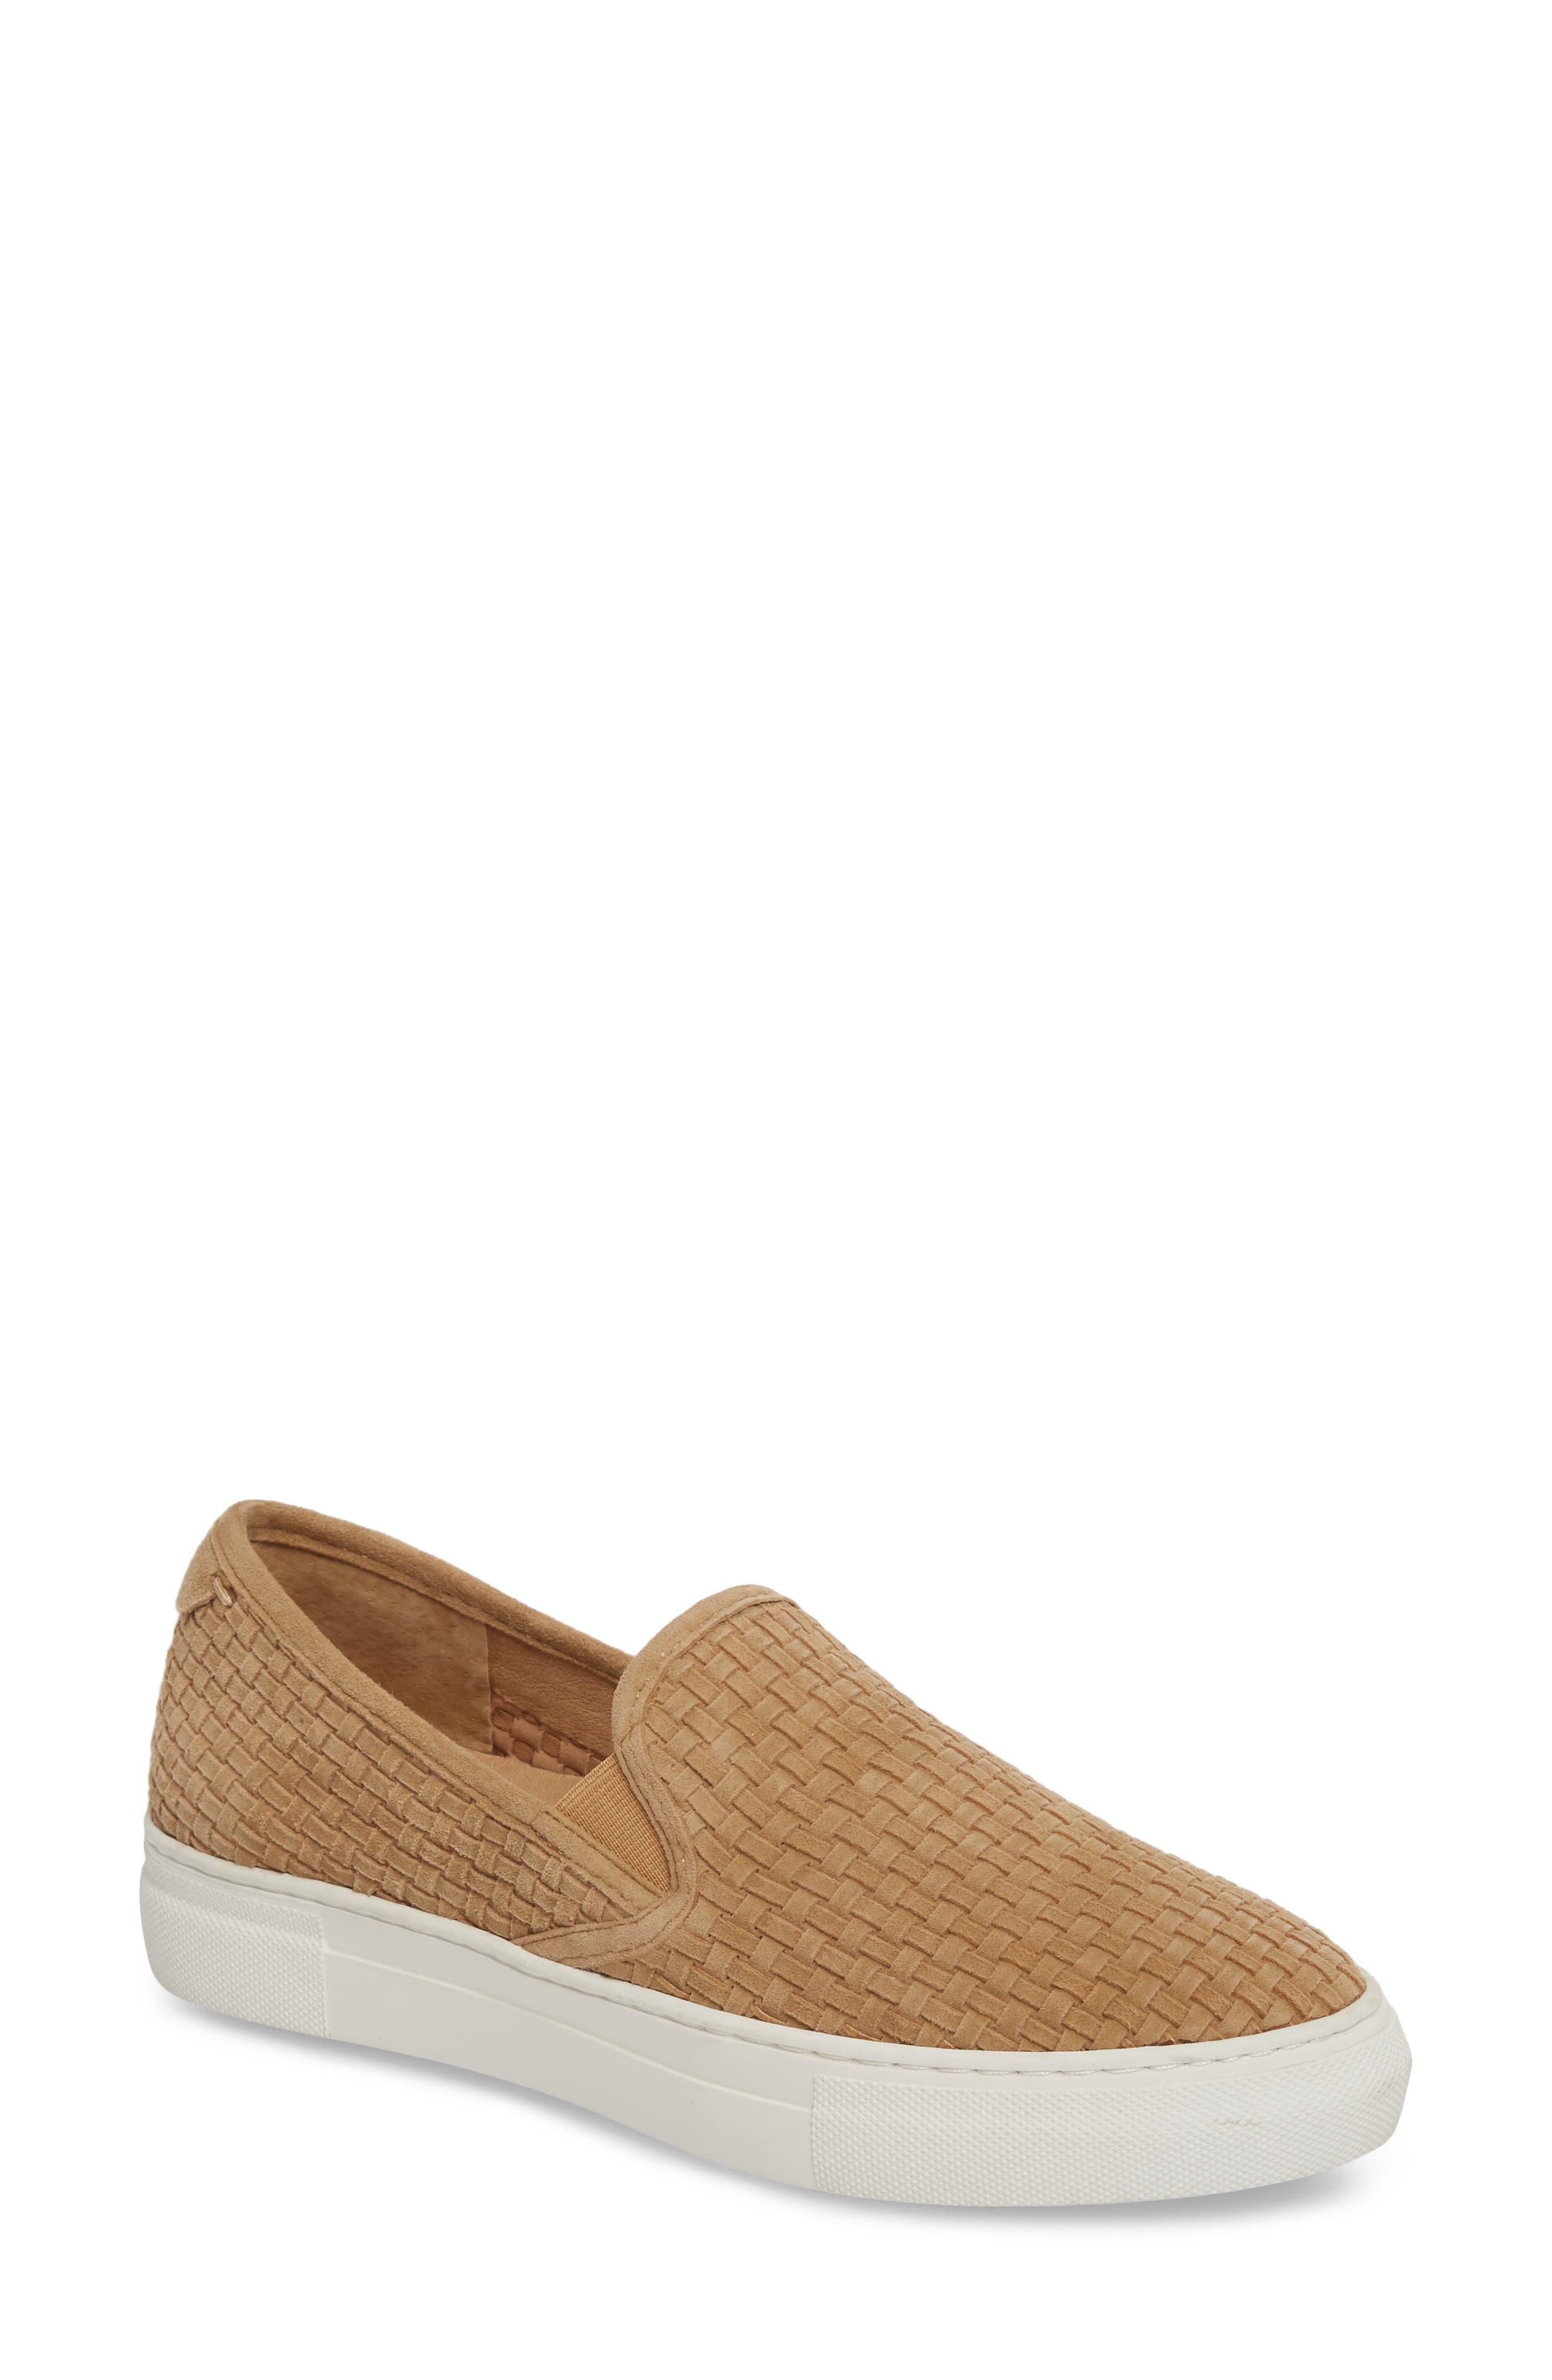 Jslides Flynn Slip-On Sneaker